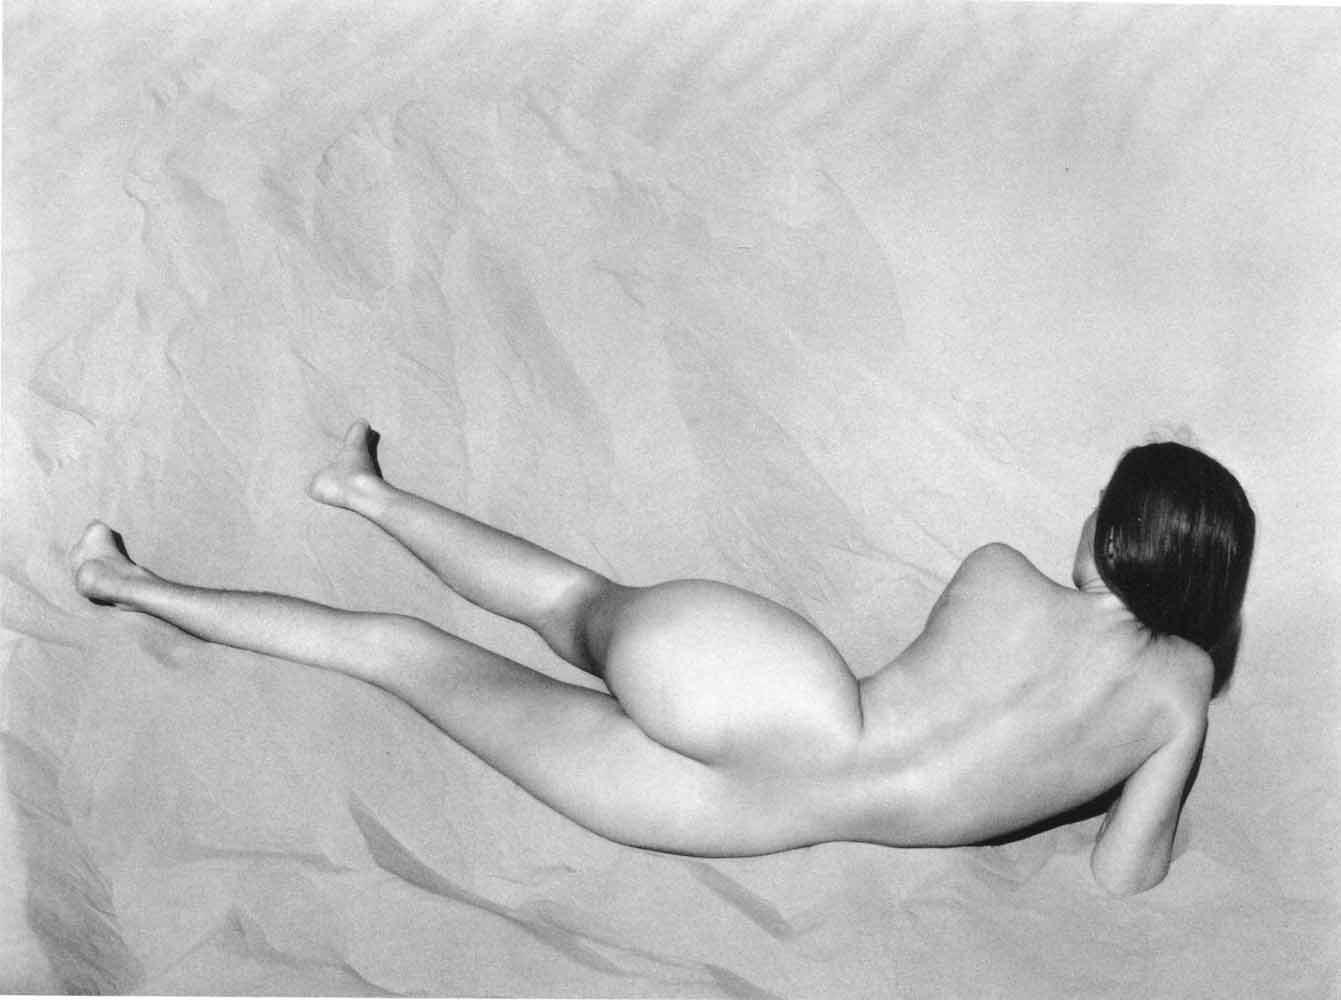 Mujer india se desnuda en su habitacion - 3 part 4